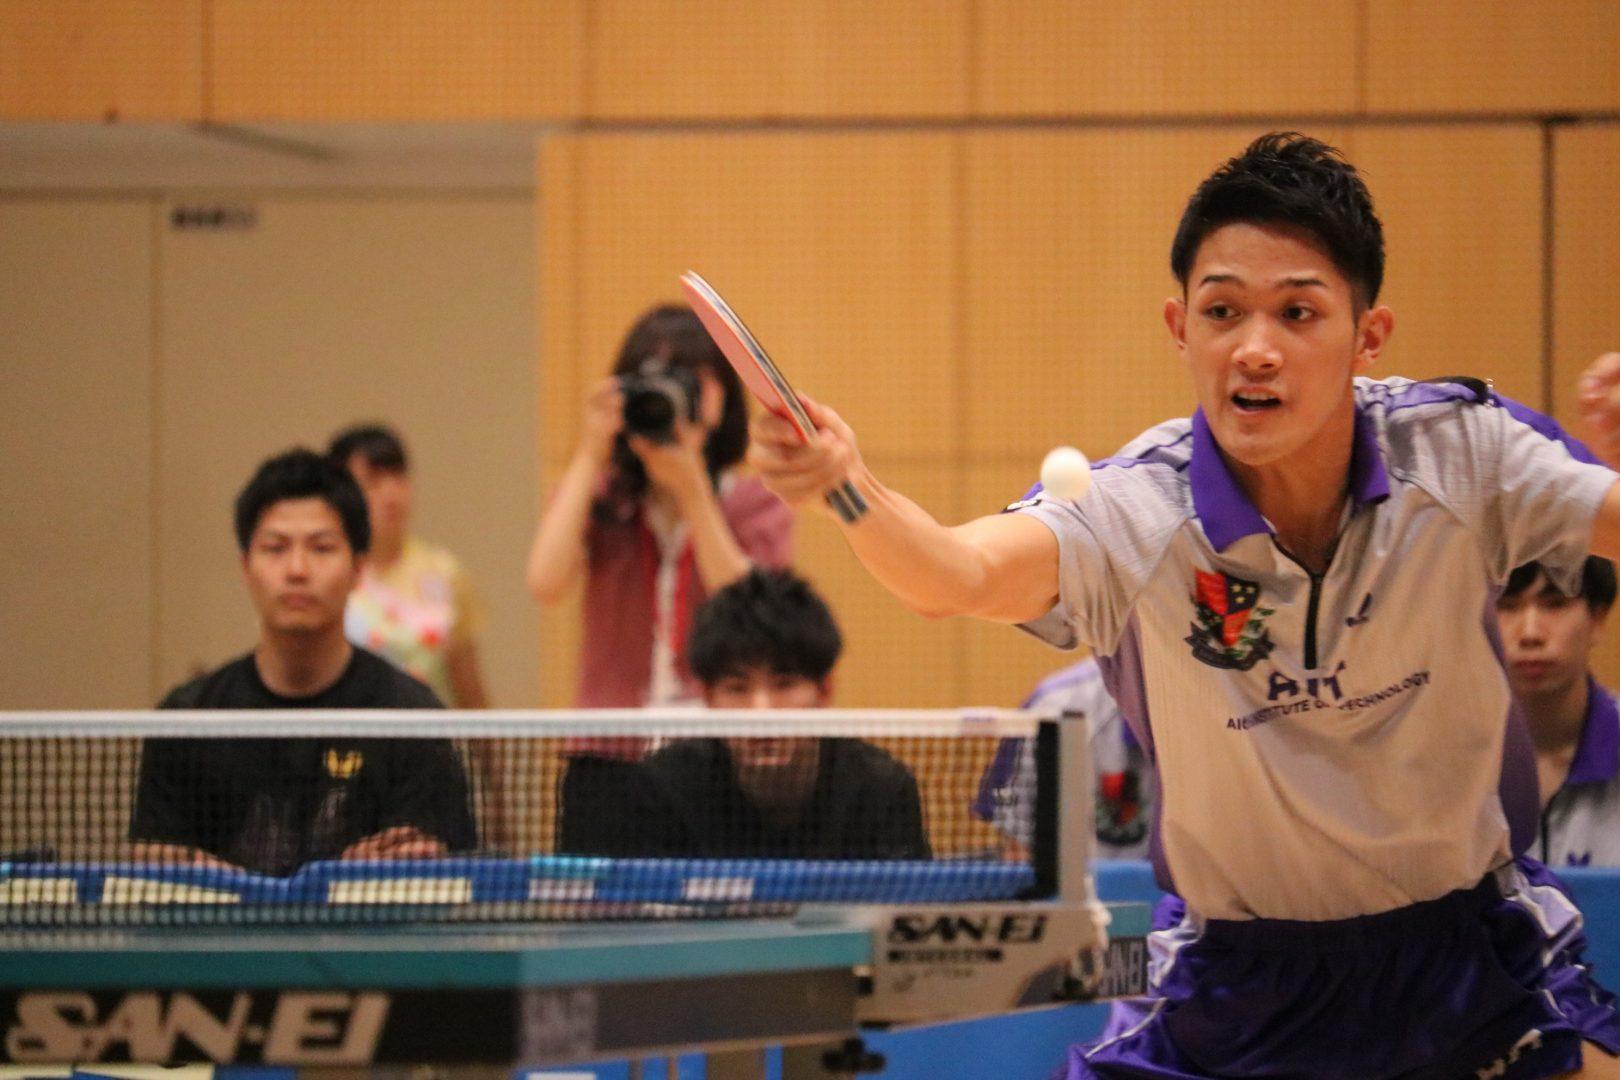 【卓球】吉村和弘が全日学選抜でV 「Tリーグで課題がより明確に」